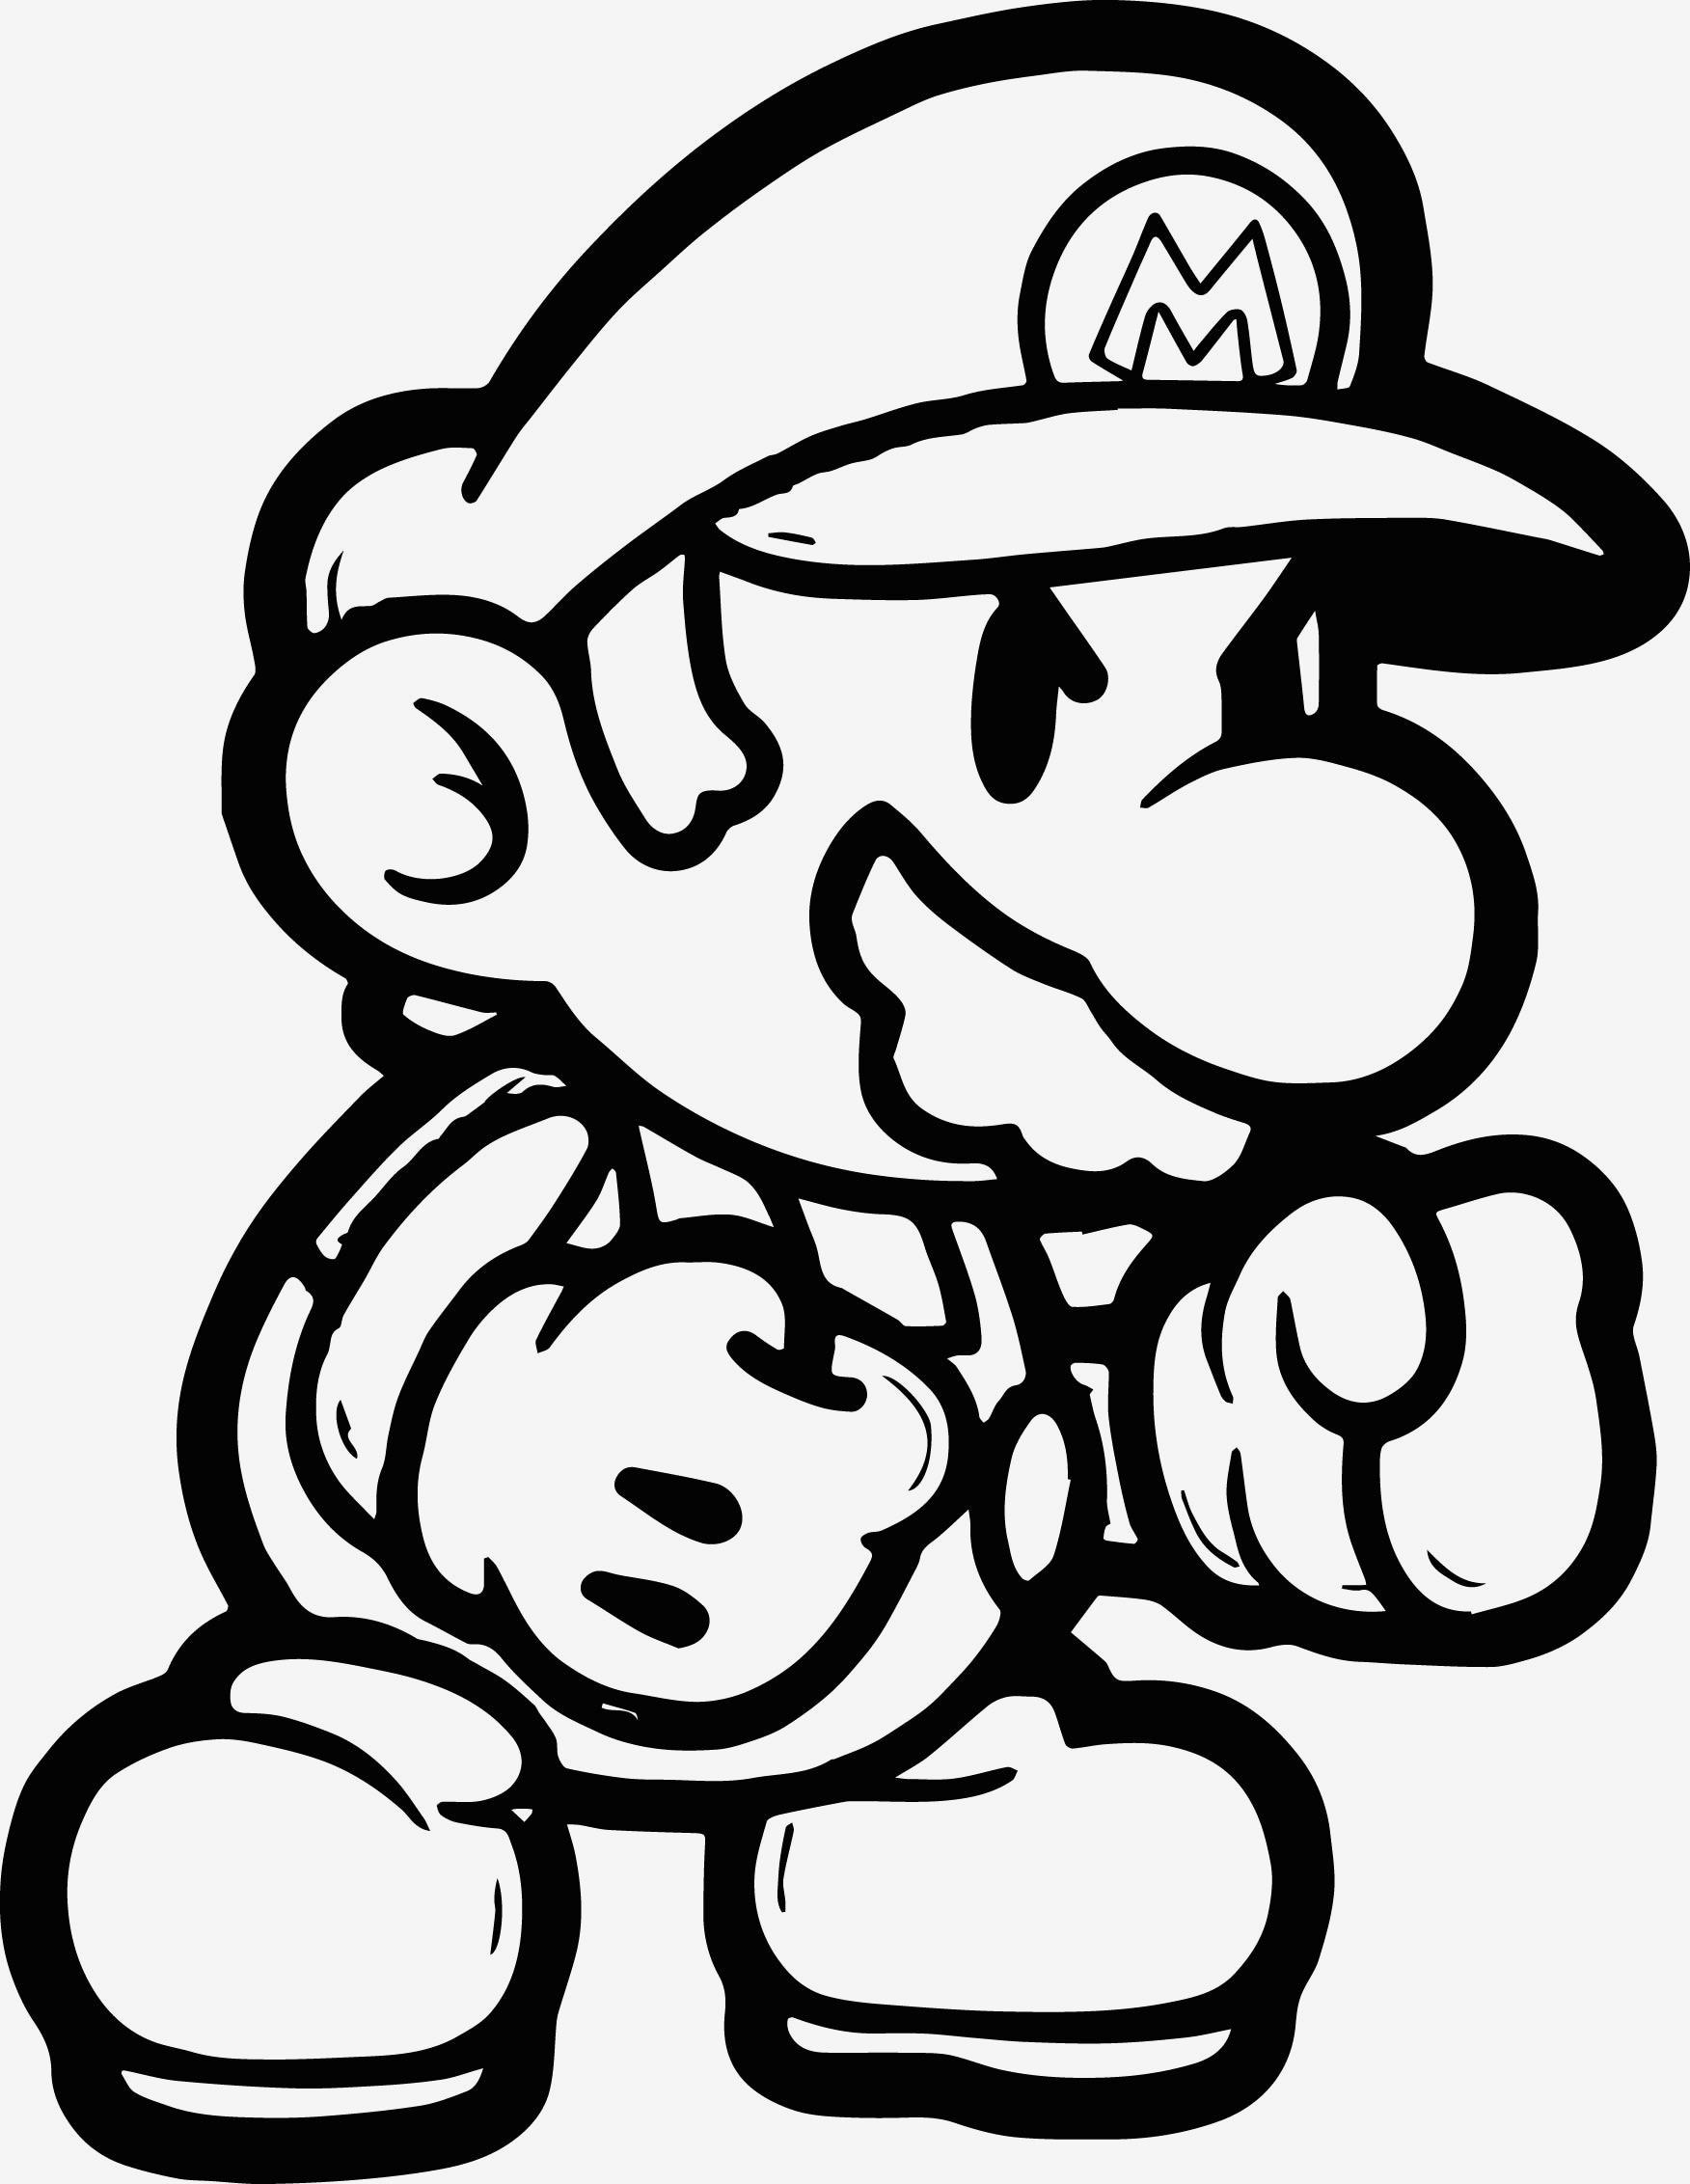 Super Mario Malvorlagen Inspirierend 28 Schön Mario Und Luigi Ausmalbilder Mickeycarrollmunchkin Genial Stock